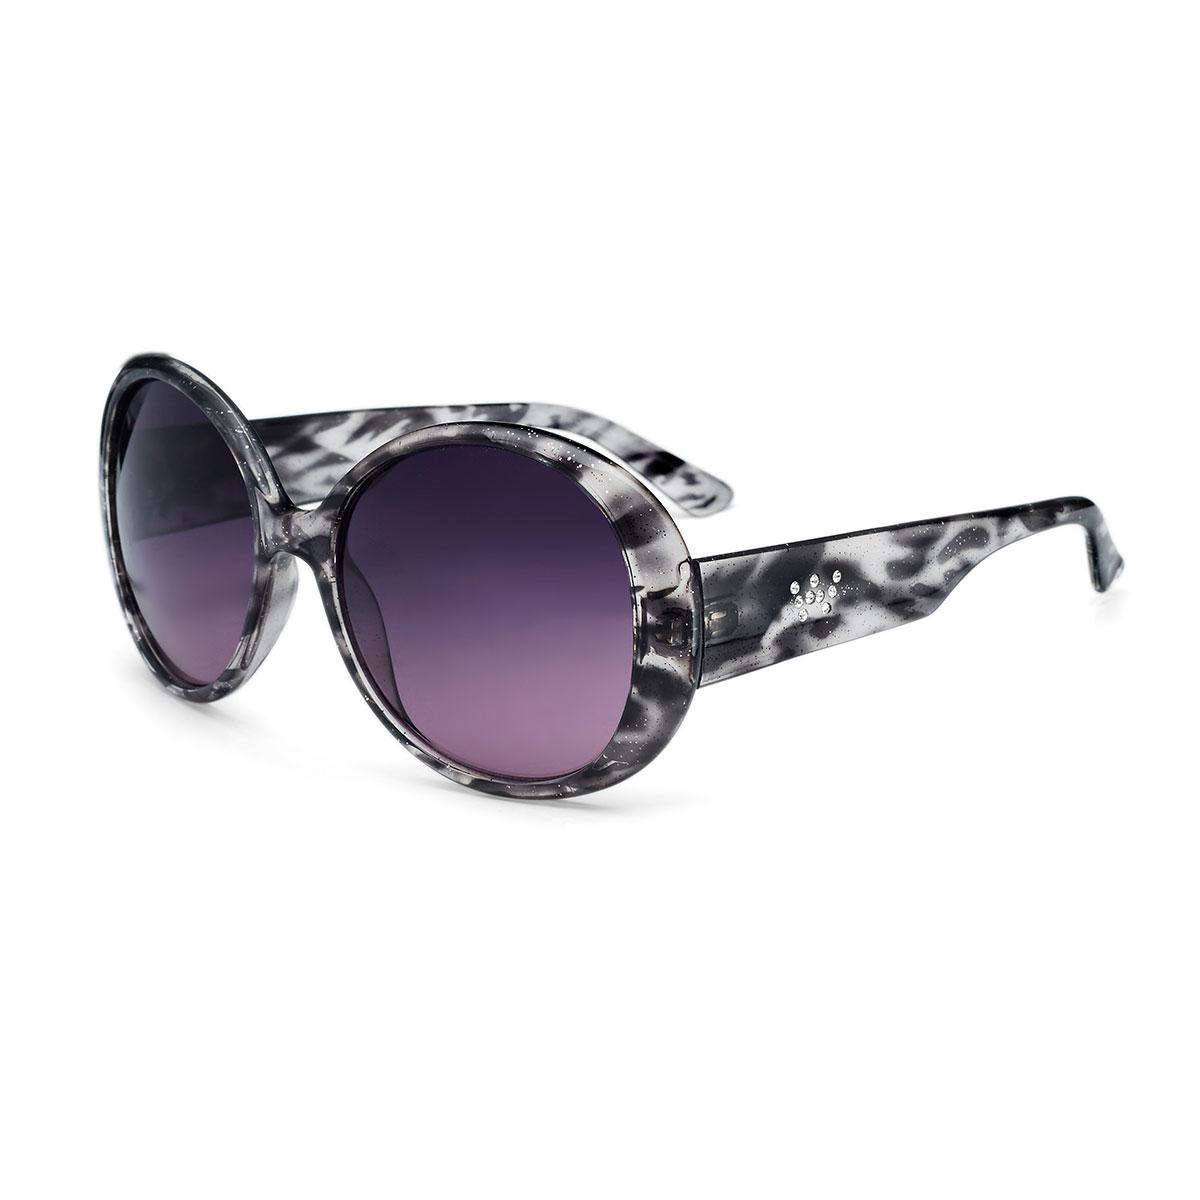 عینک آفتابی مدل آیلند خاکستری